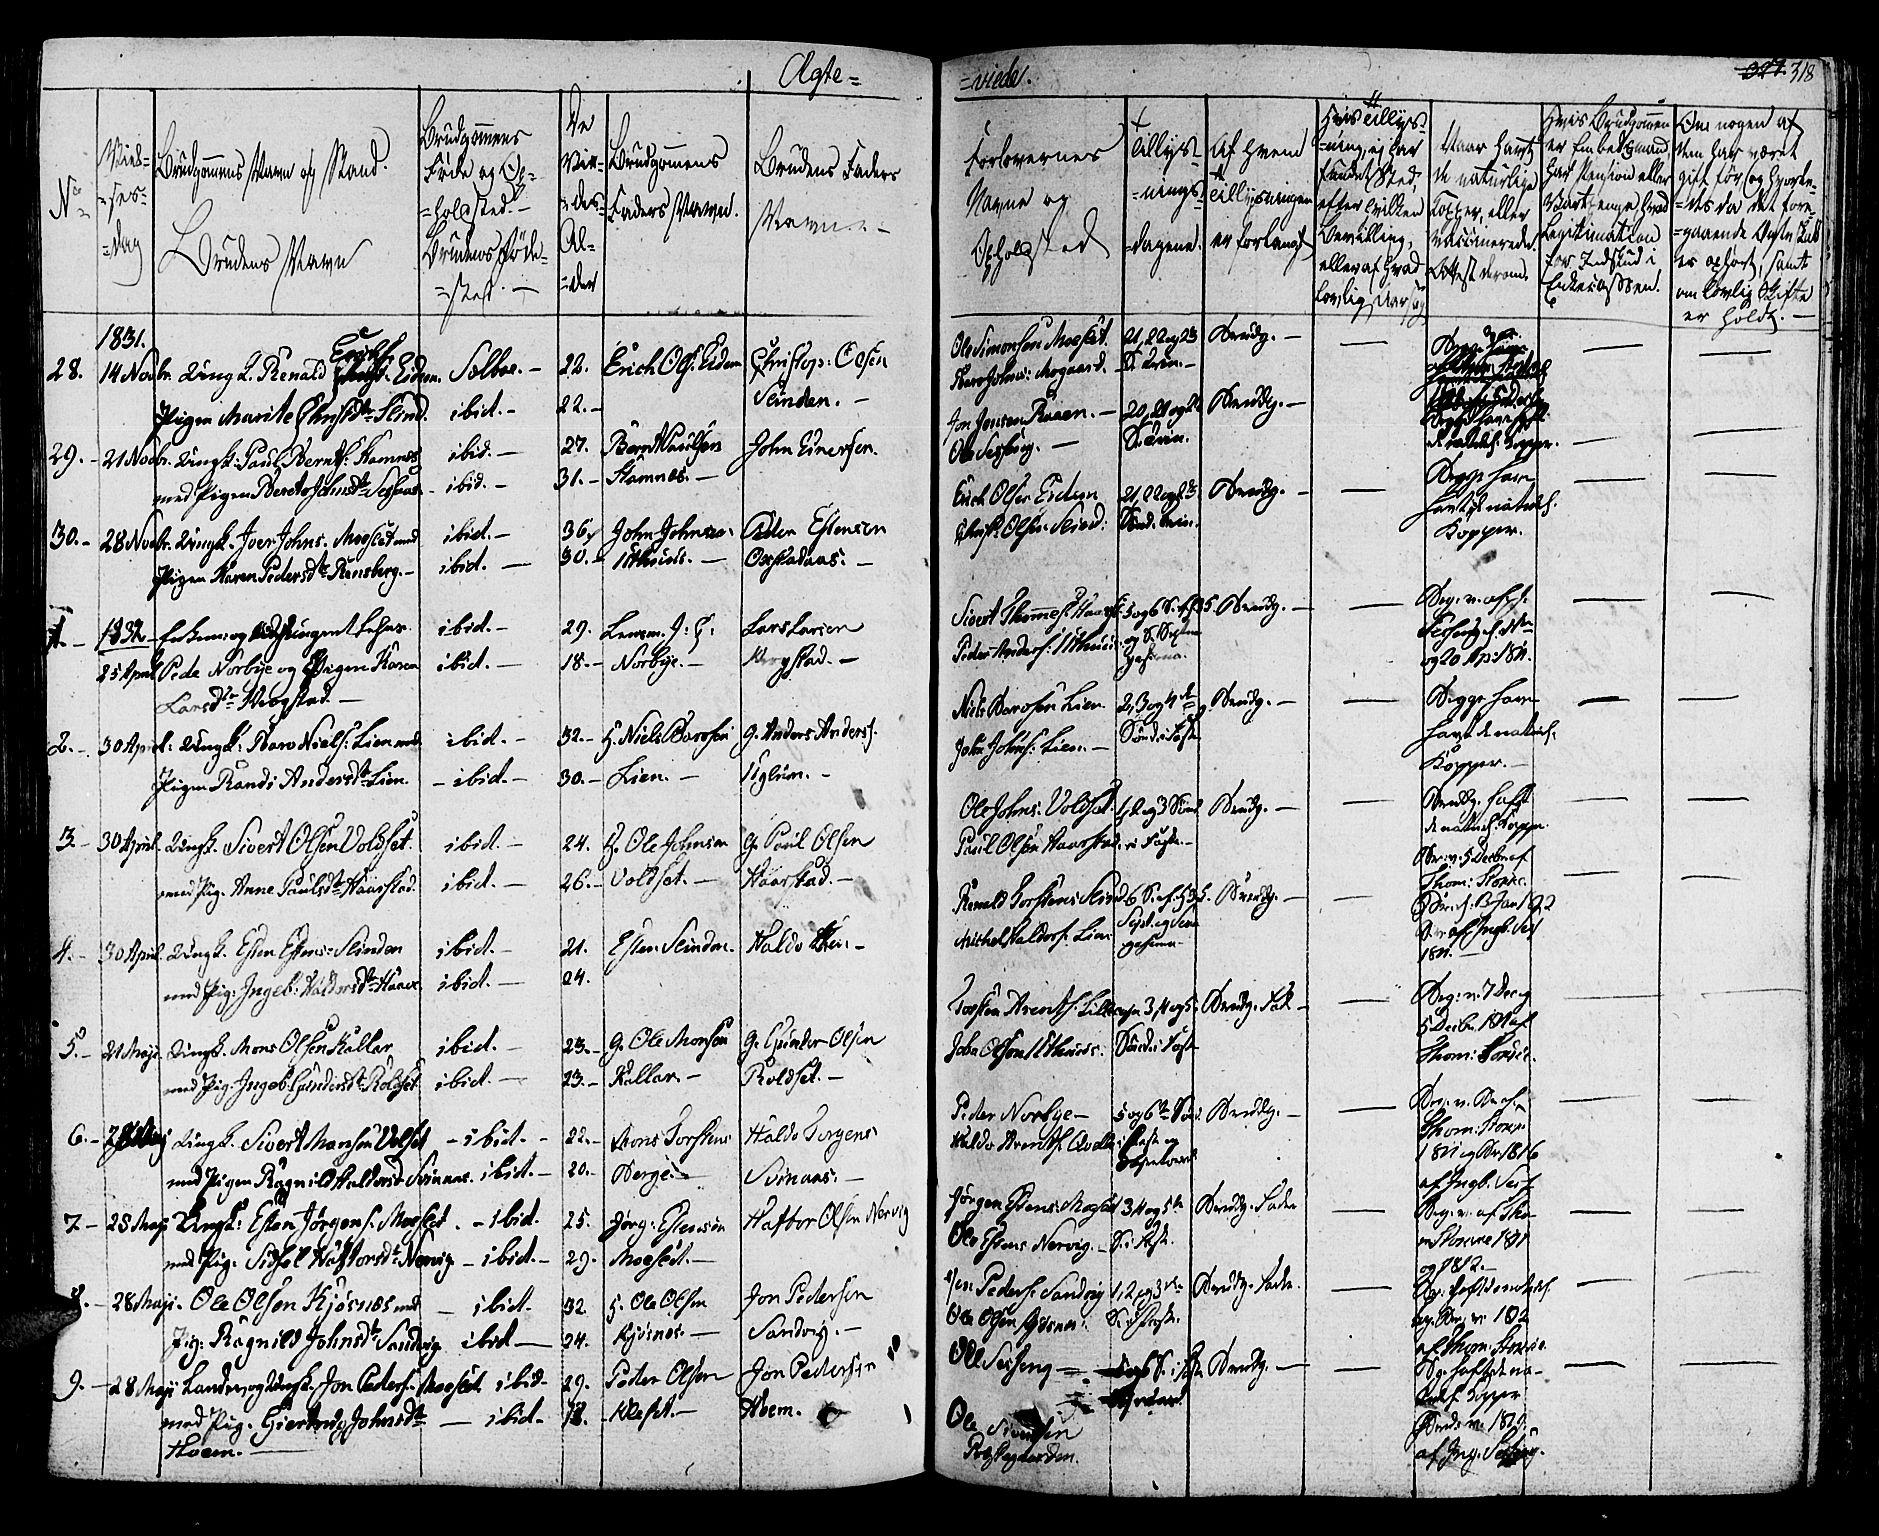 SAT, Ministerialprotokoller, klokkerbøker og fødselsregistre - Sør-Trøndelag, 695/L1143: Ministerialbok nr. 695A05 /1, 1824-1842, s. 318